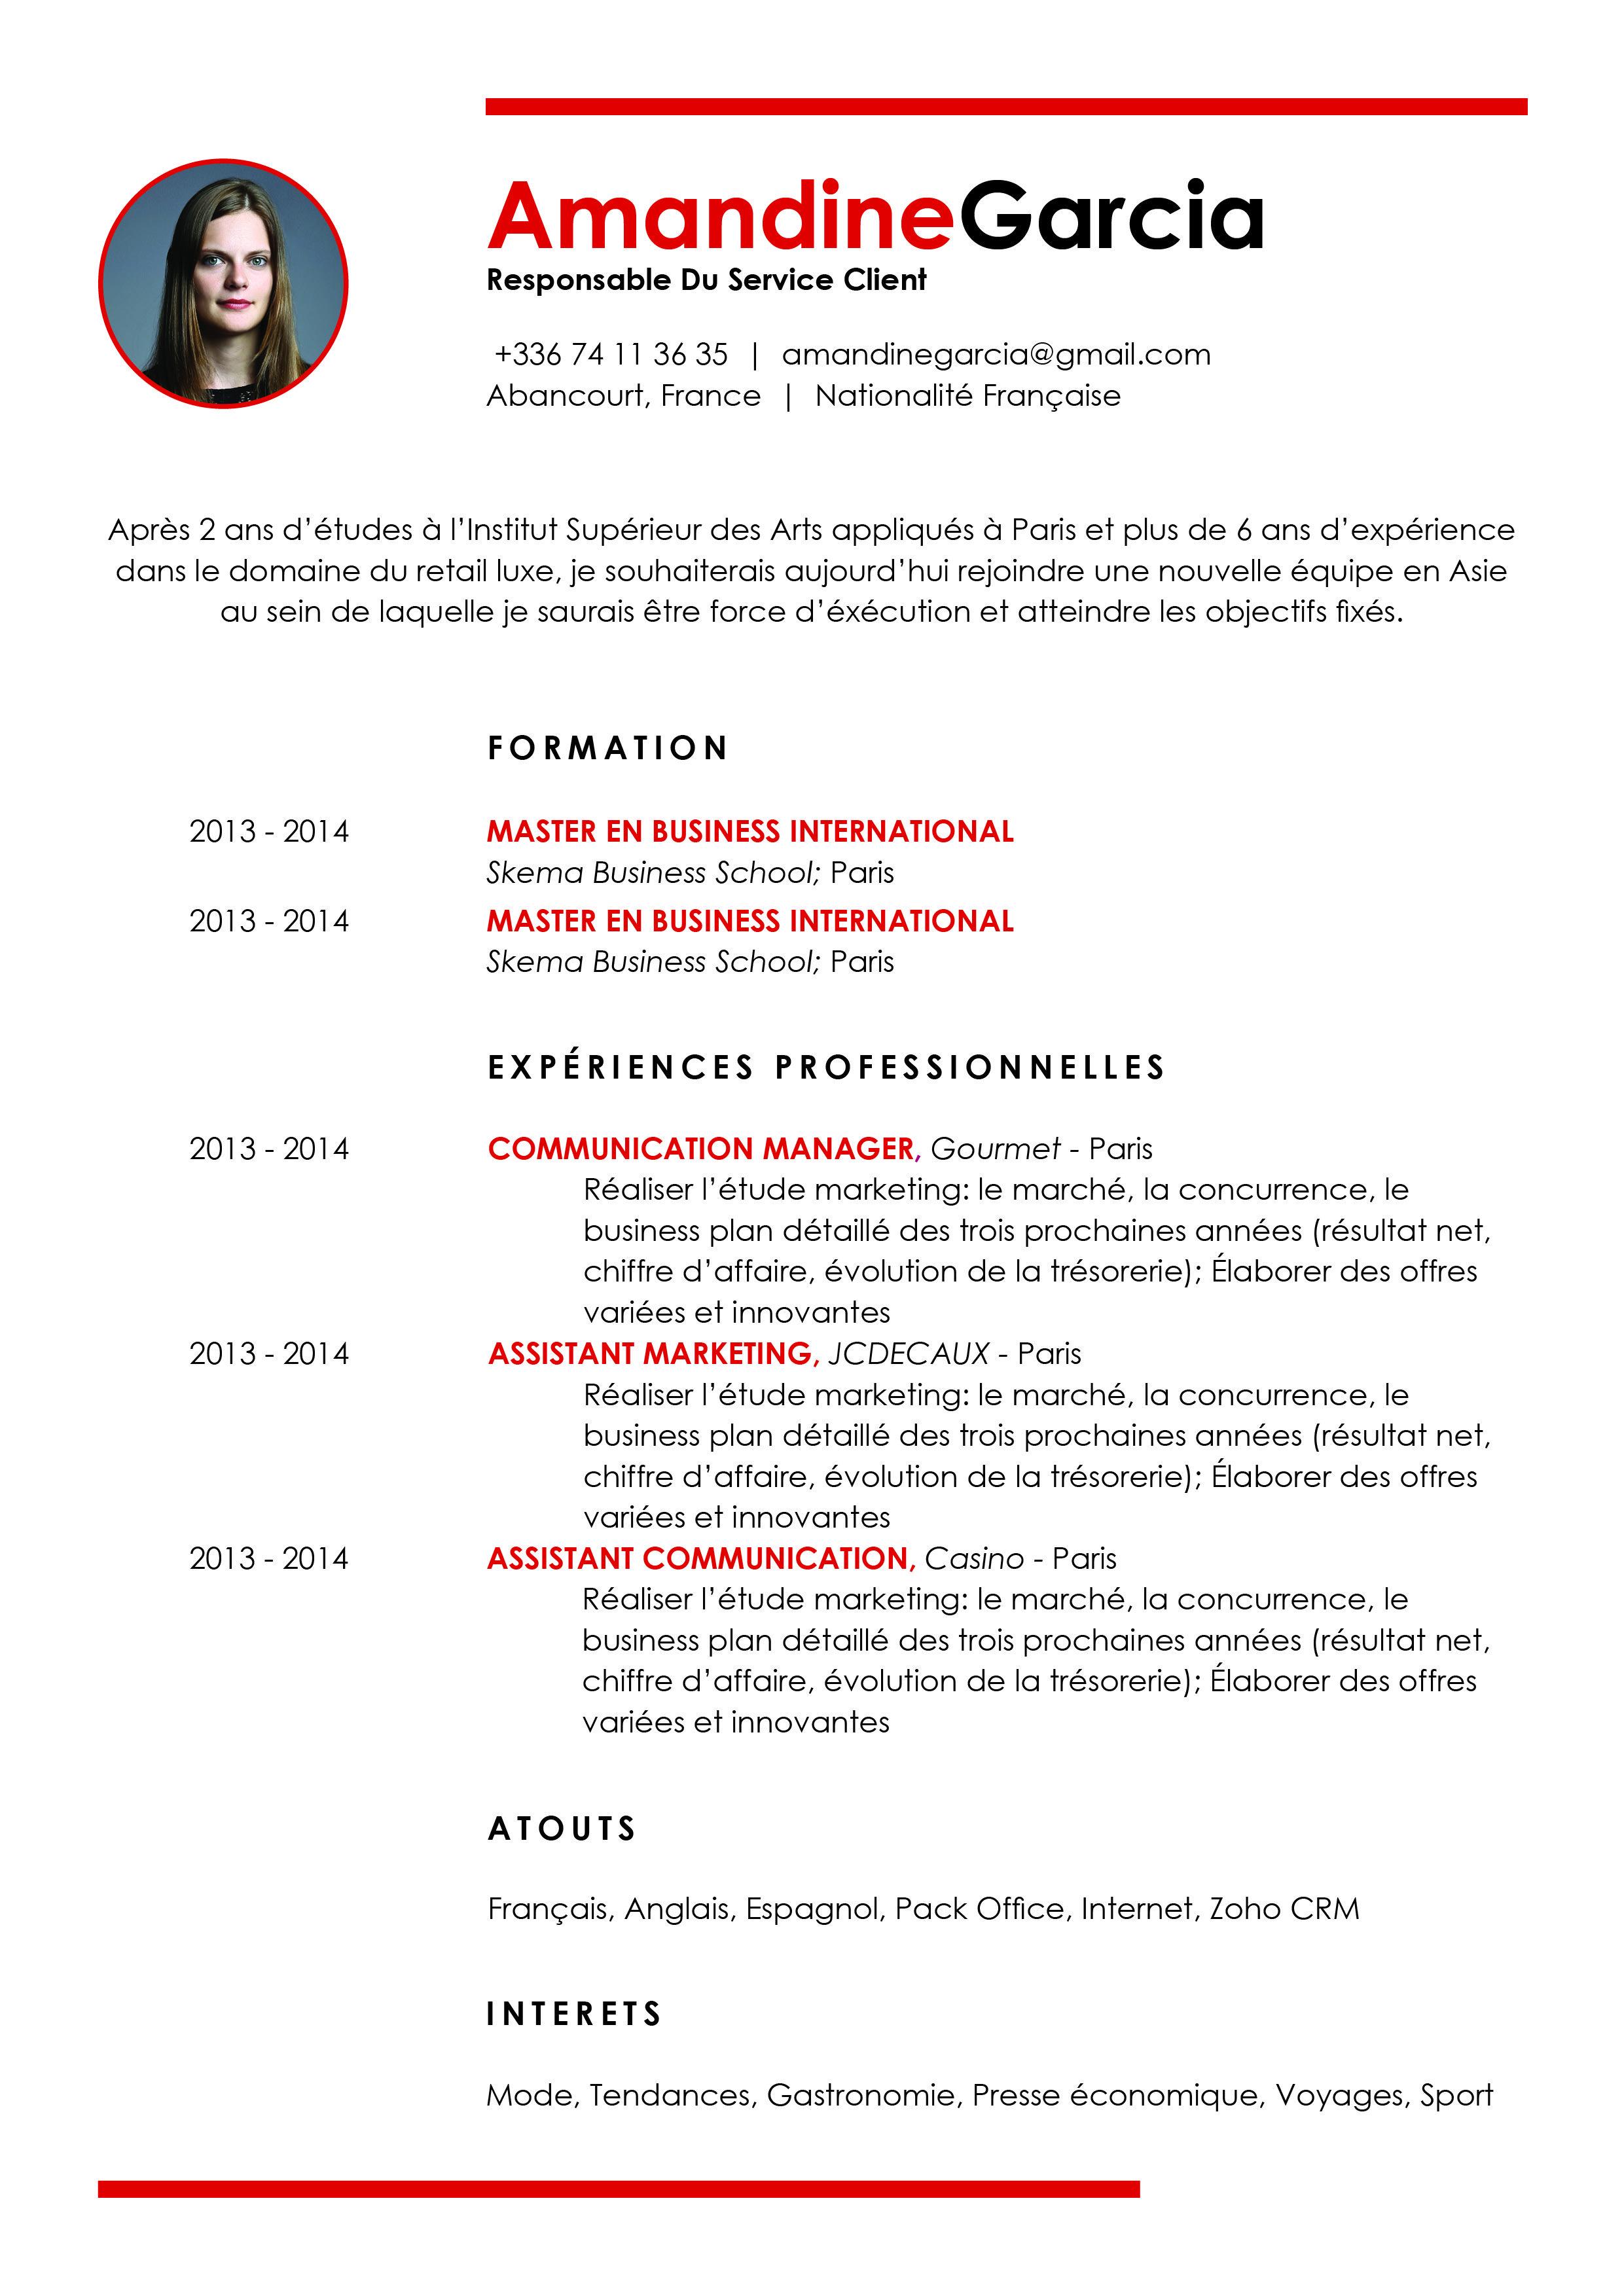 Souple La Presentation De L Identite En Haut De Page Represente Une Touche D Originalite Discrete Modele Cv Cv A Remplir Cv Classique